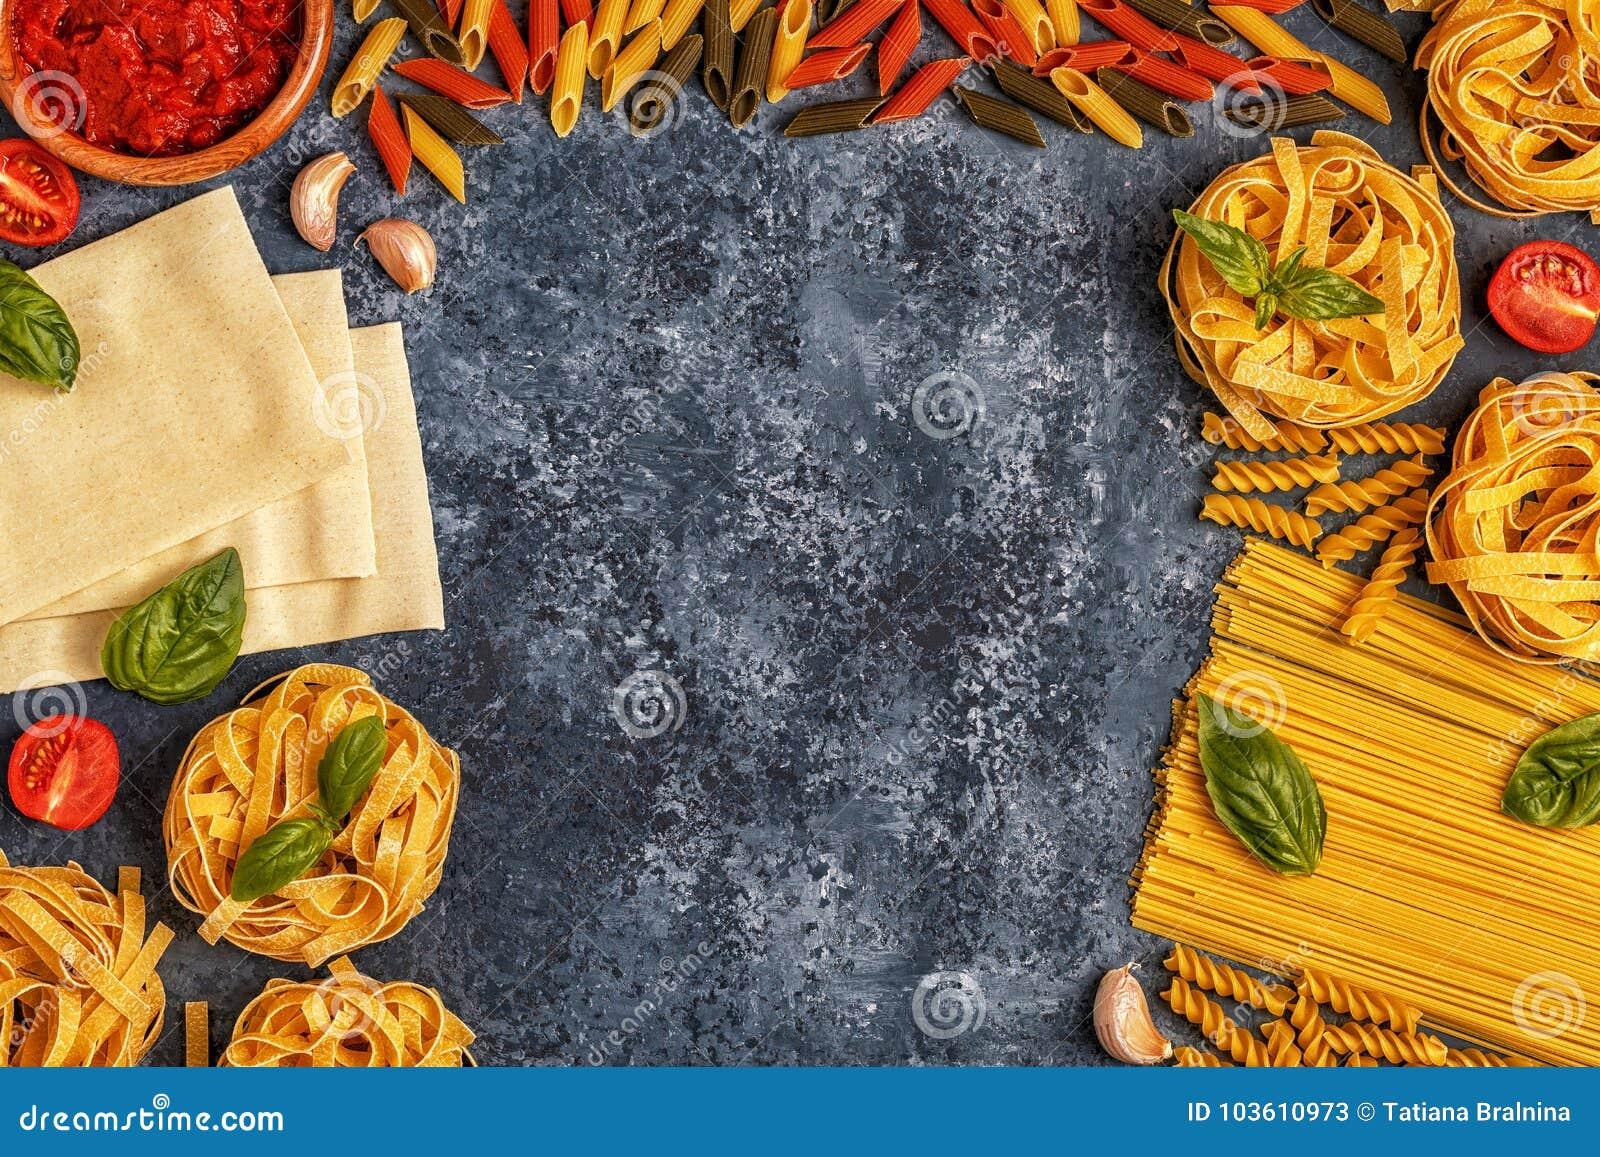 Fundo italiano do alimento com massa, especiarias e vegetais